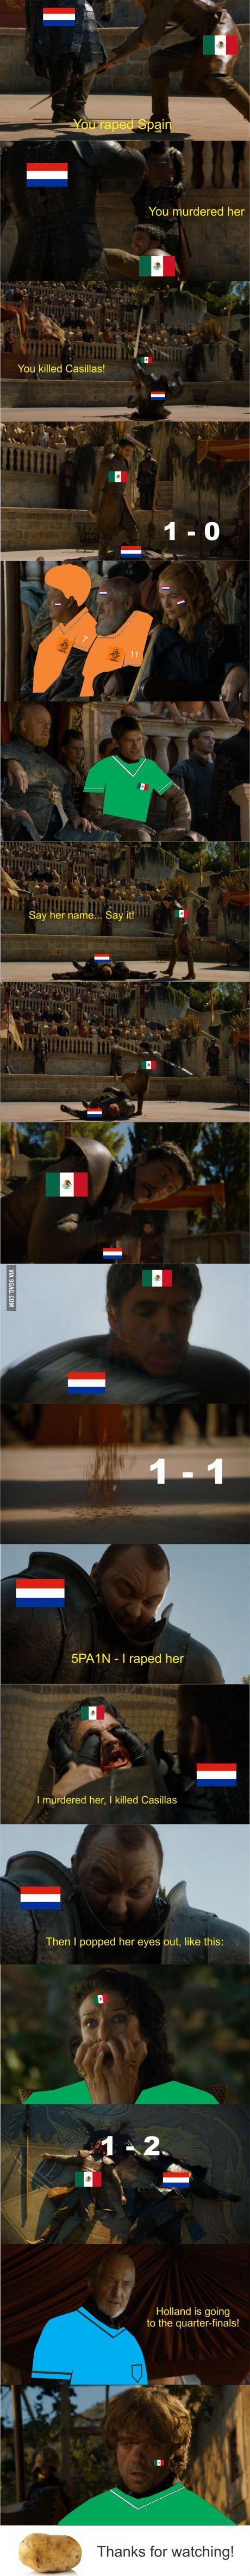 Netherlands Vs Mexico Mexico Vs Holanda Holanda Juego Mexico